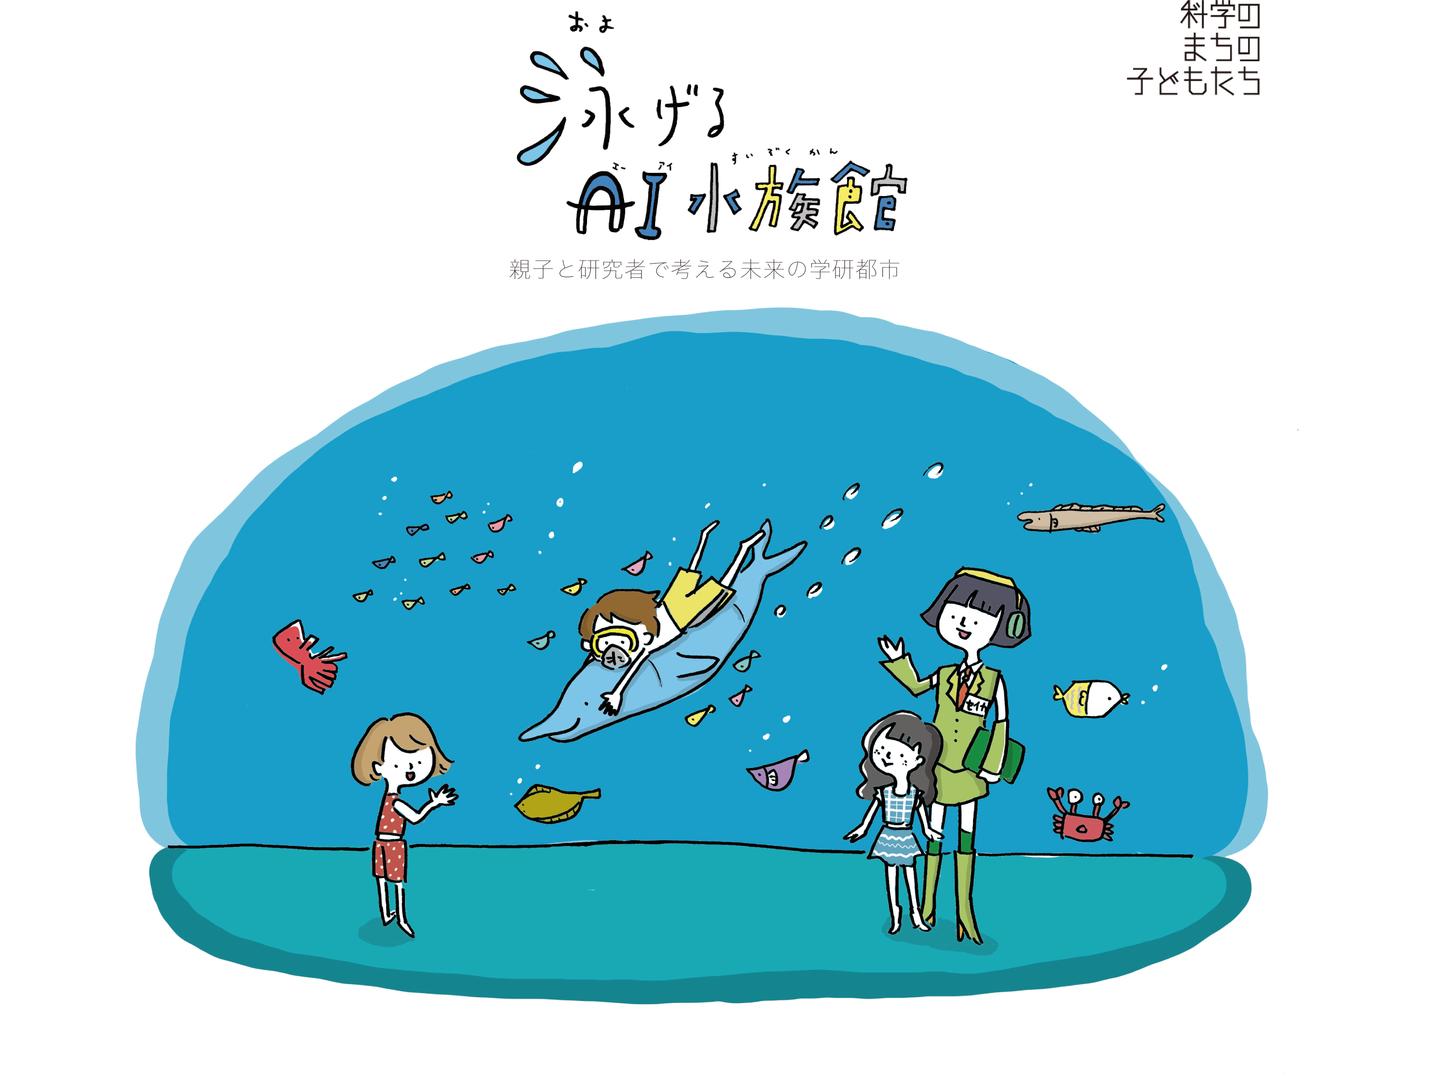 泳げるAI水族館